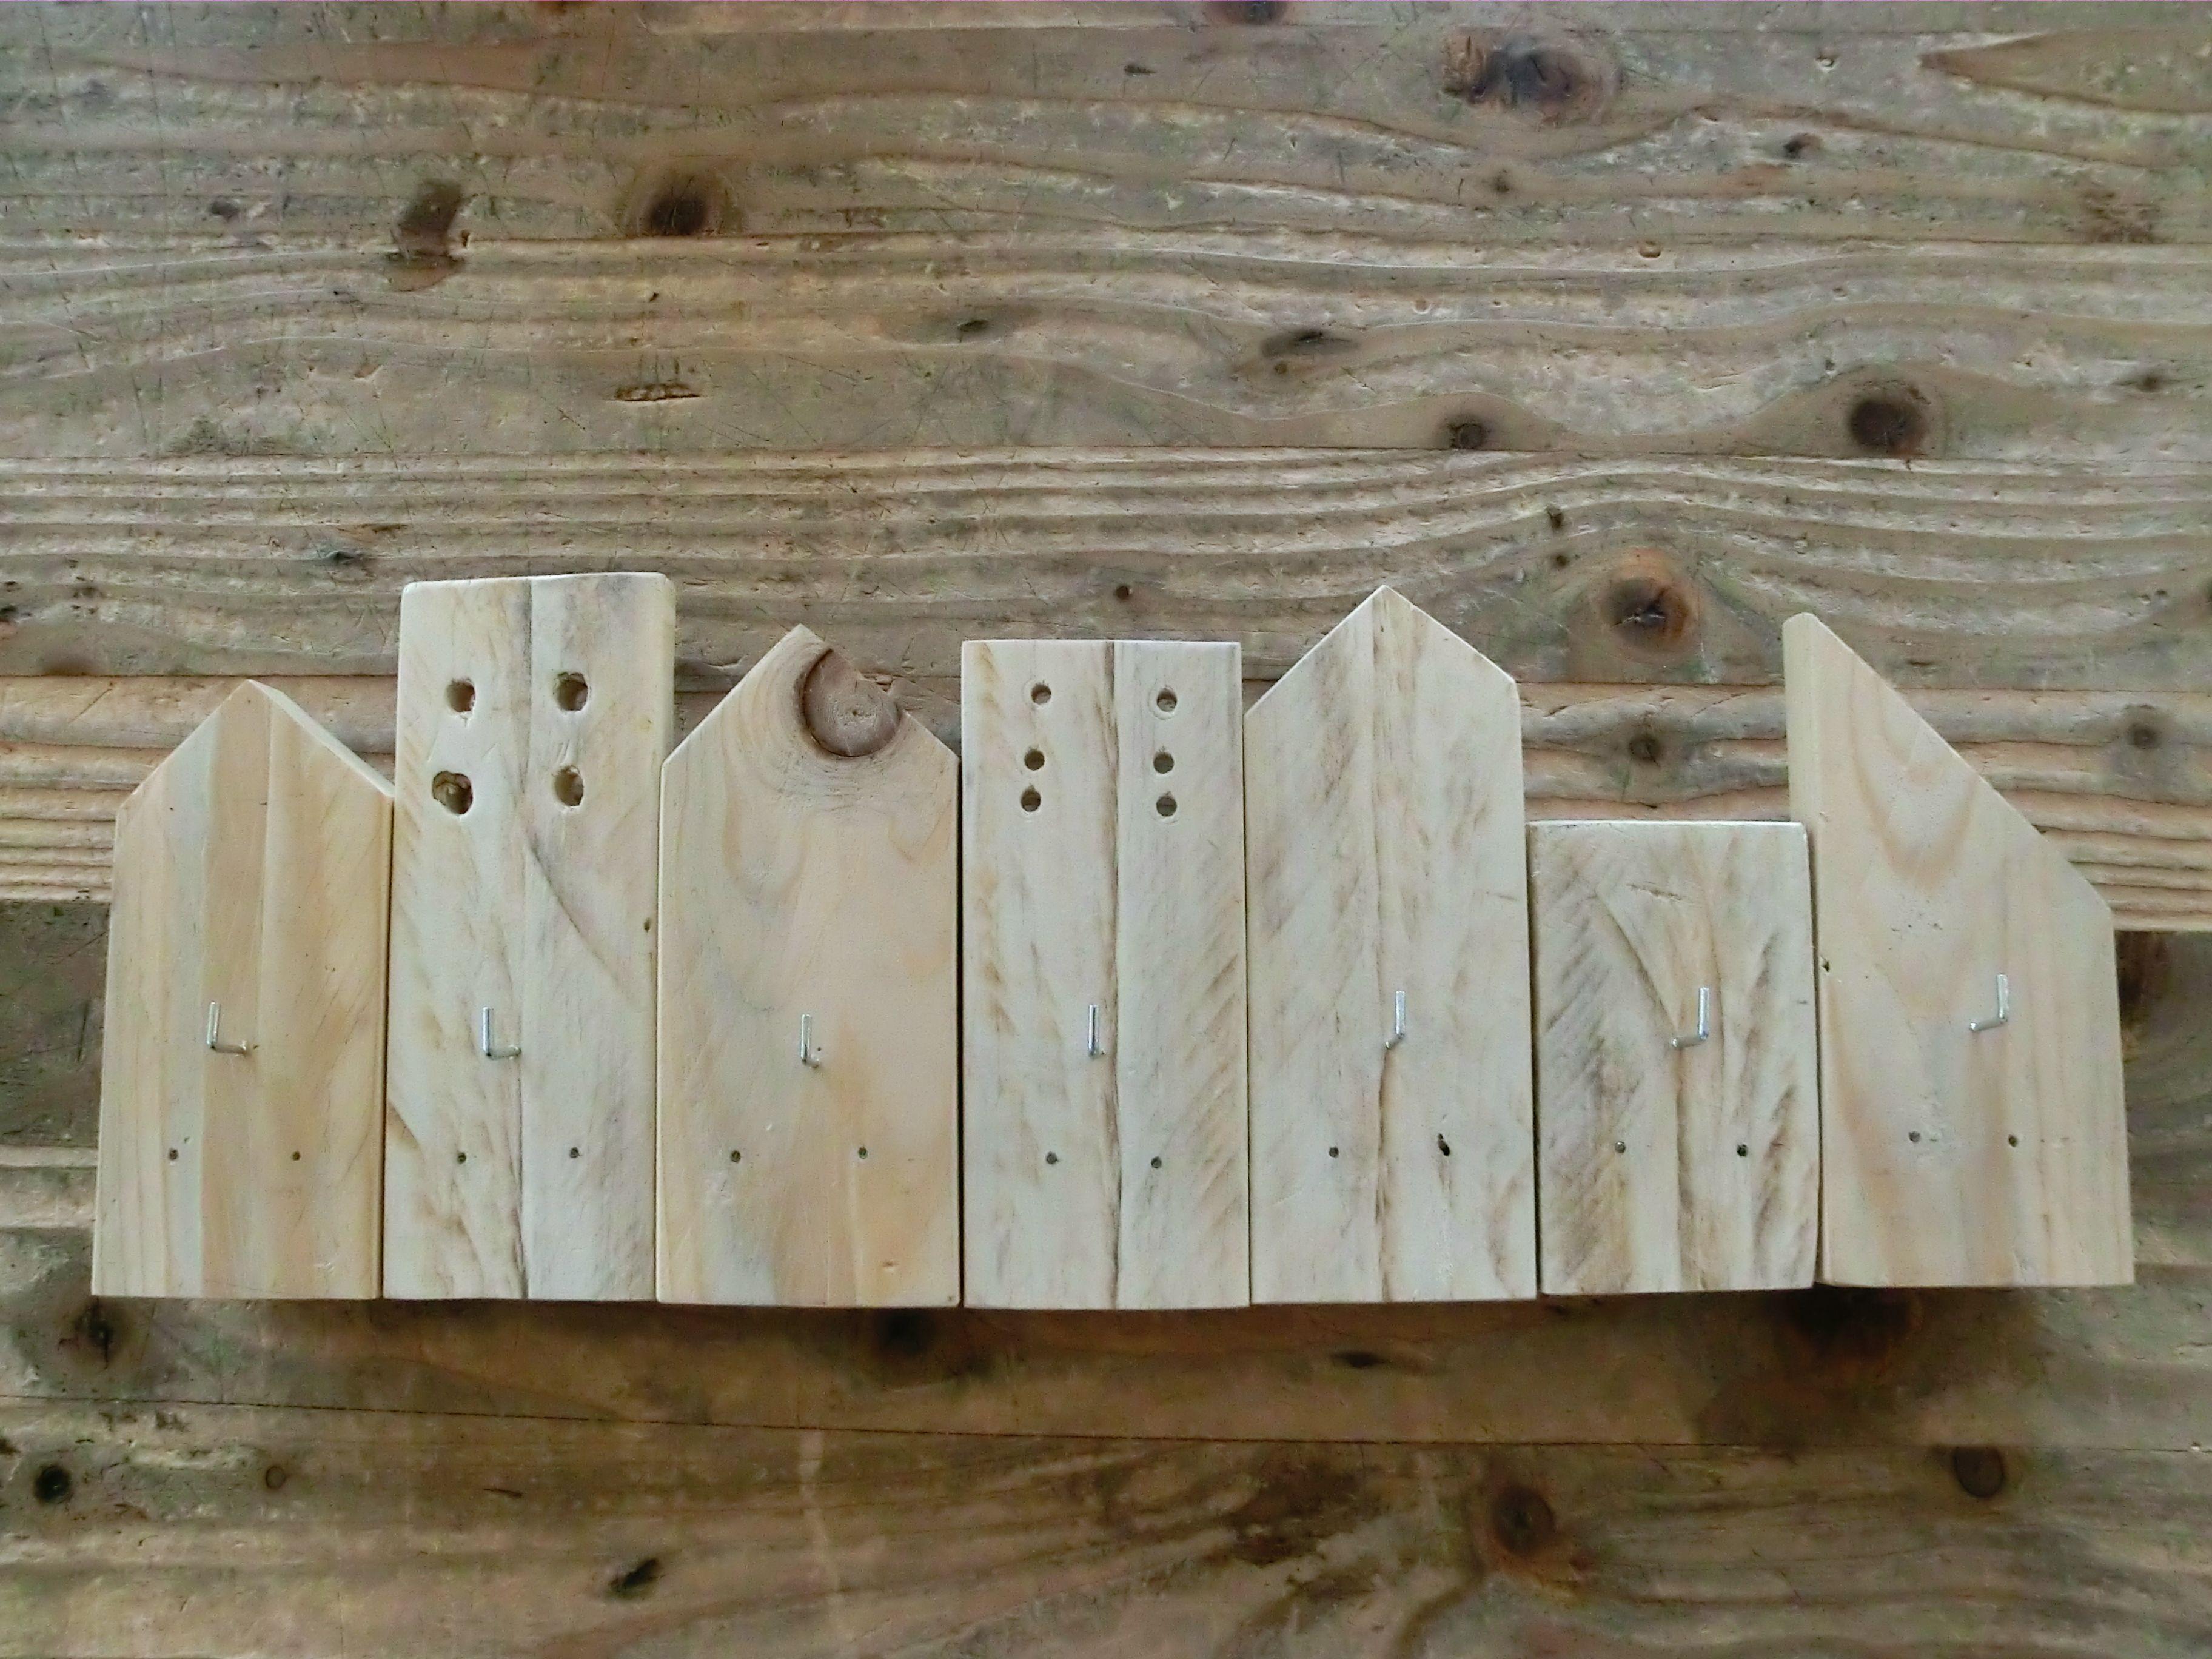 Legno Recuperato Vendita : Mobili legno riciclato arredo ecocreativo mobili riciclati